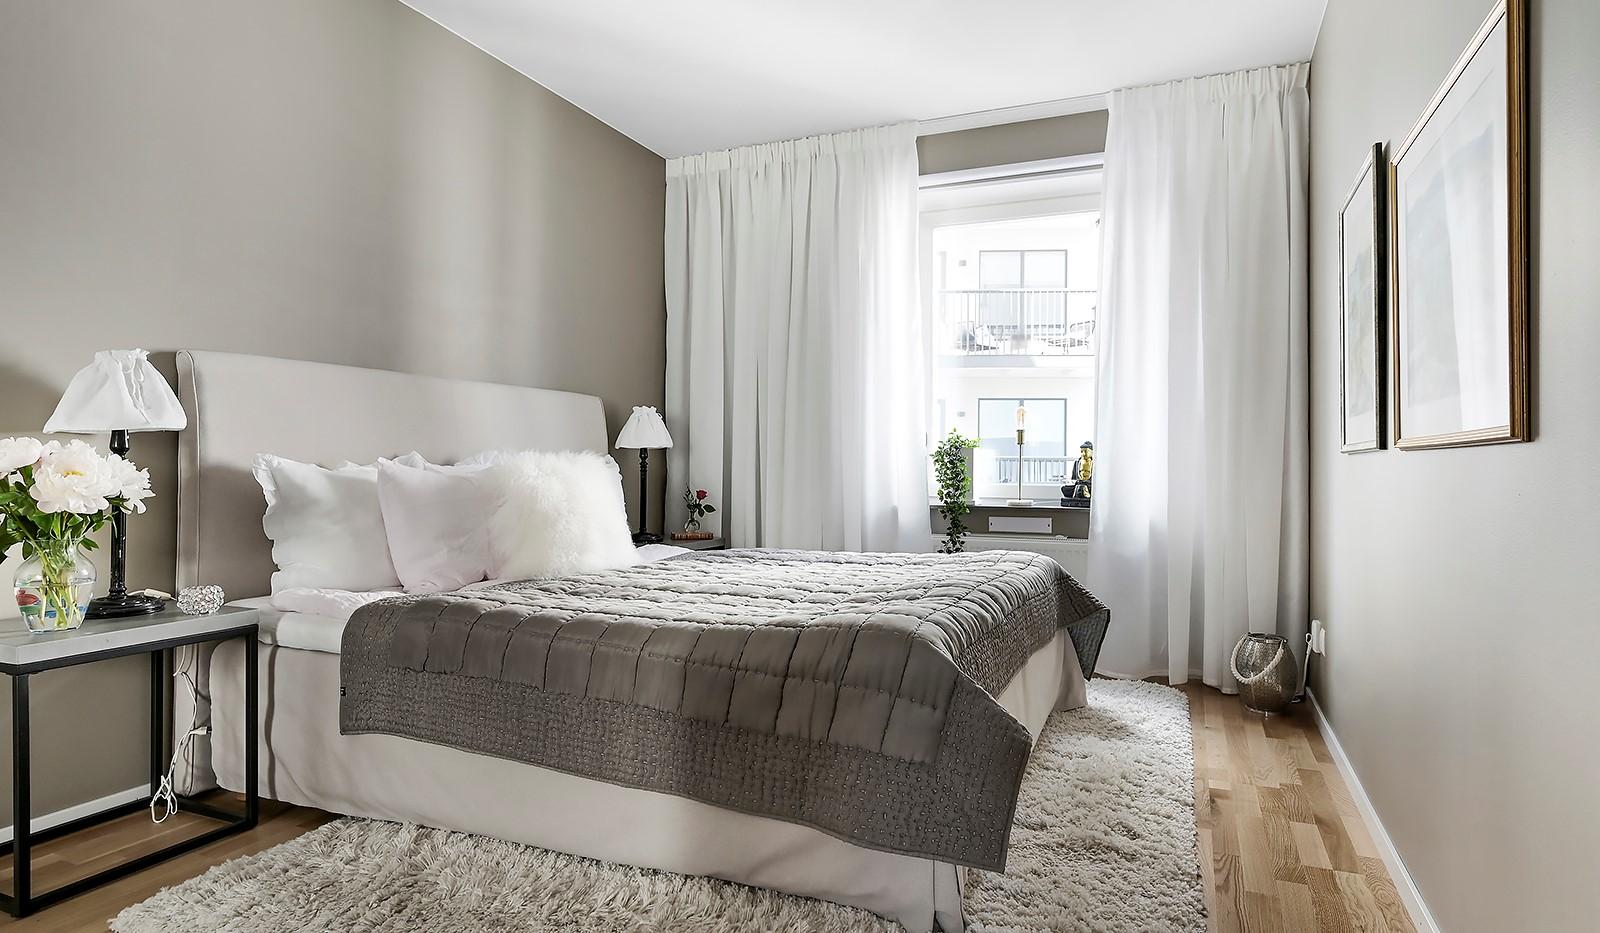 Sjöviksbacken 18, 4 tr - Härligt master bedroom